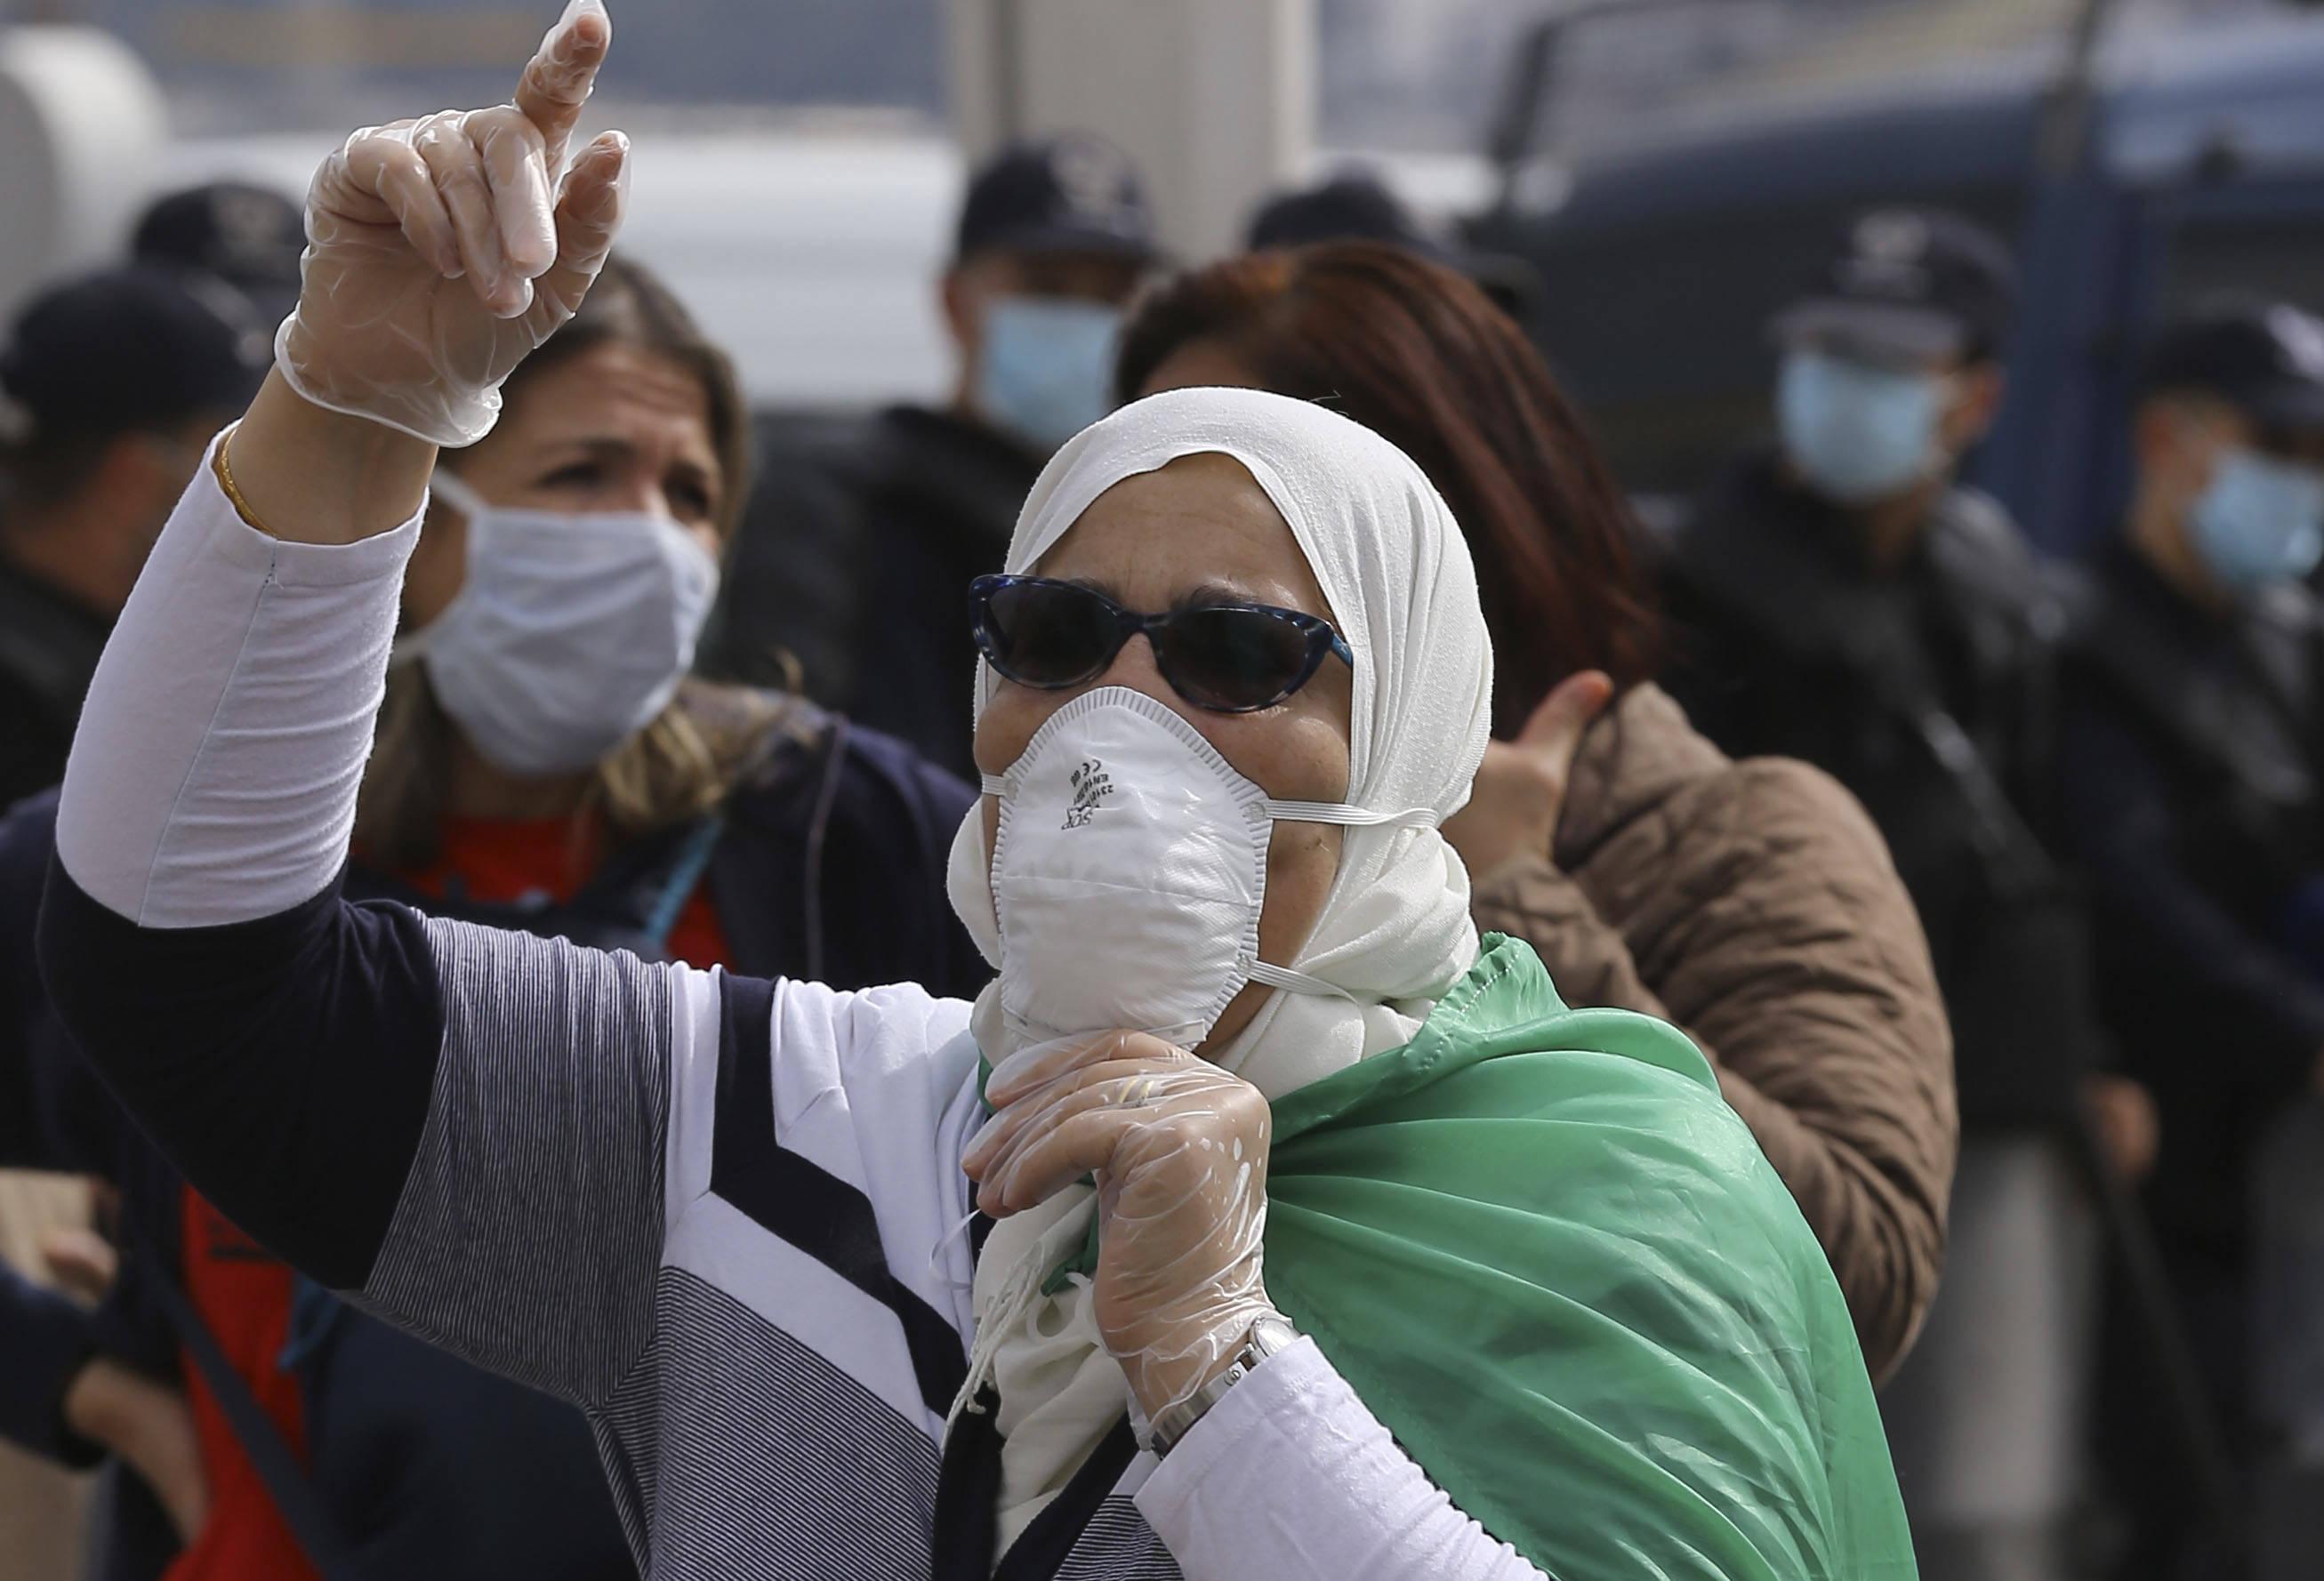 La pandémie de Covid-19 met en suspens les marches du Hirak en Algérie.